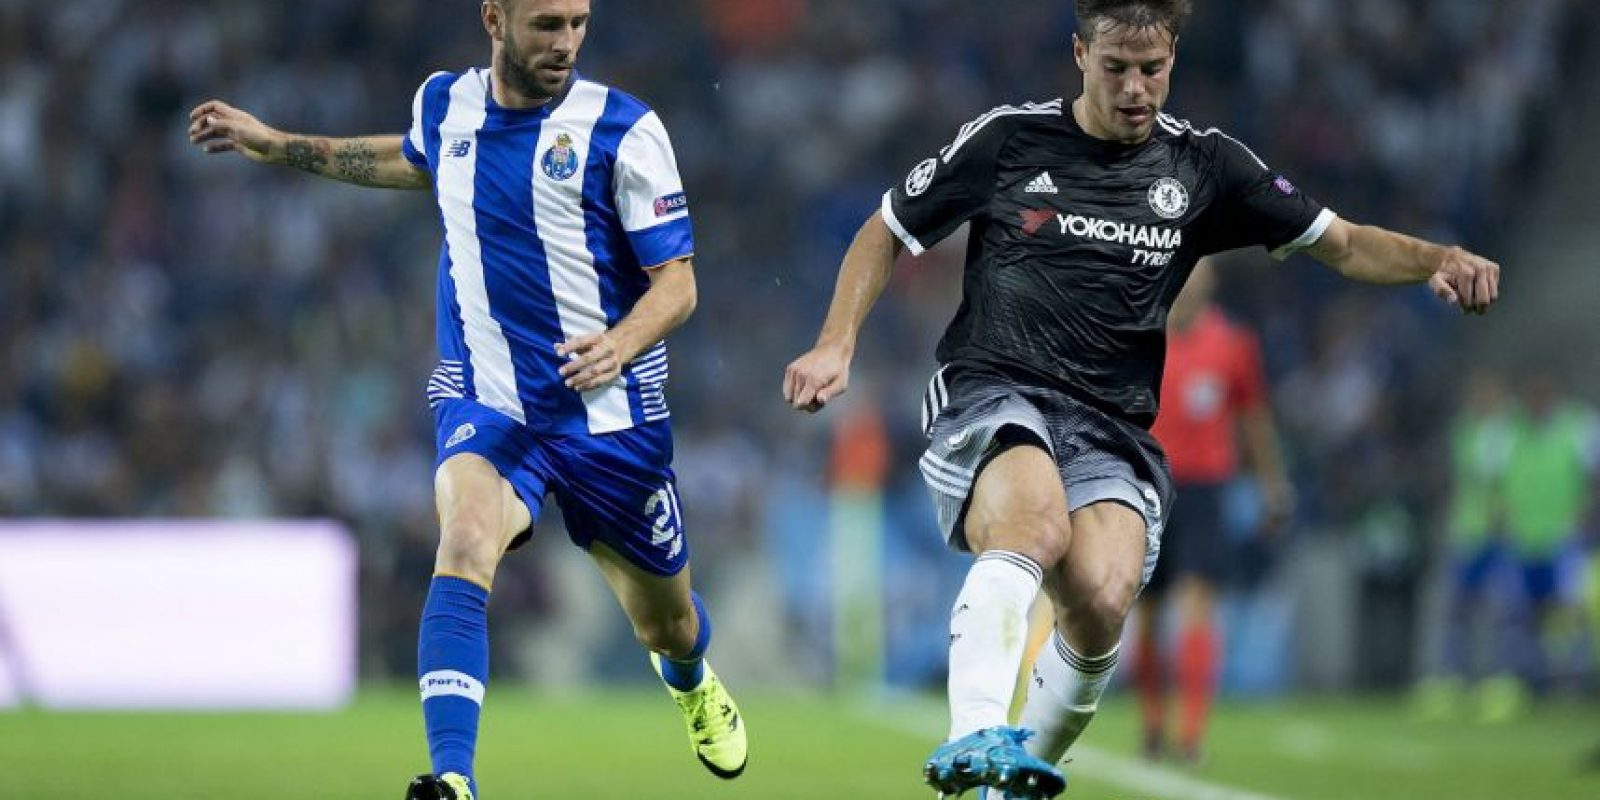 Ademas, el club que gane clasificará a octavos de final Foto:Getty Images